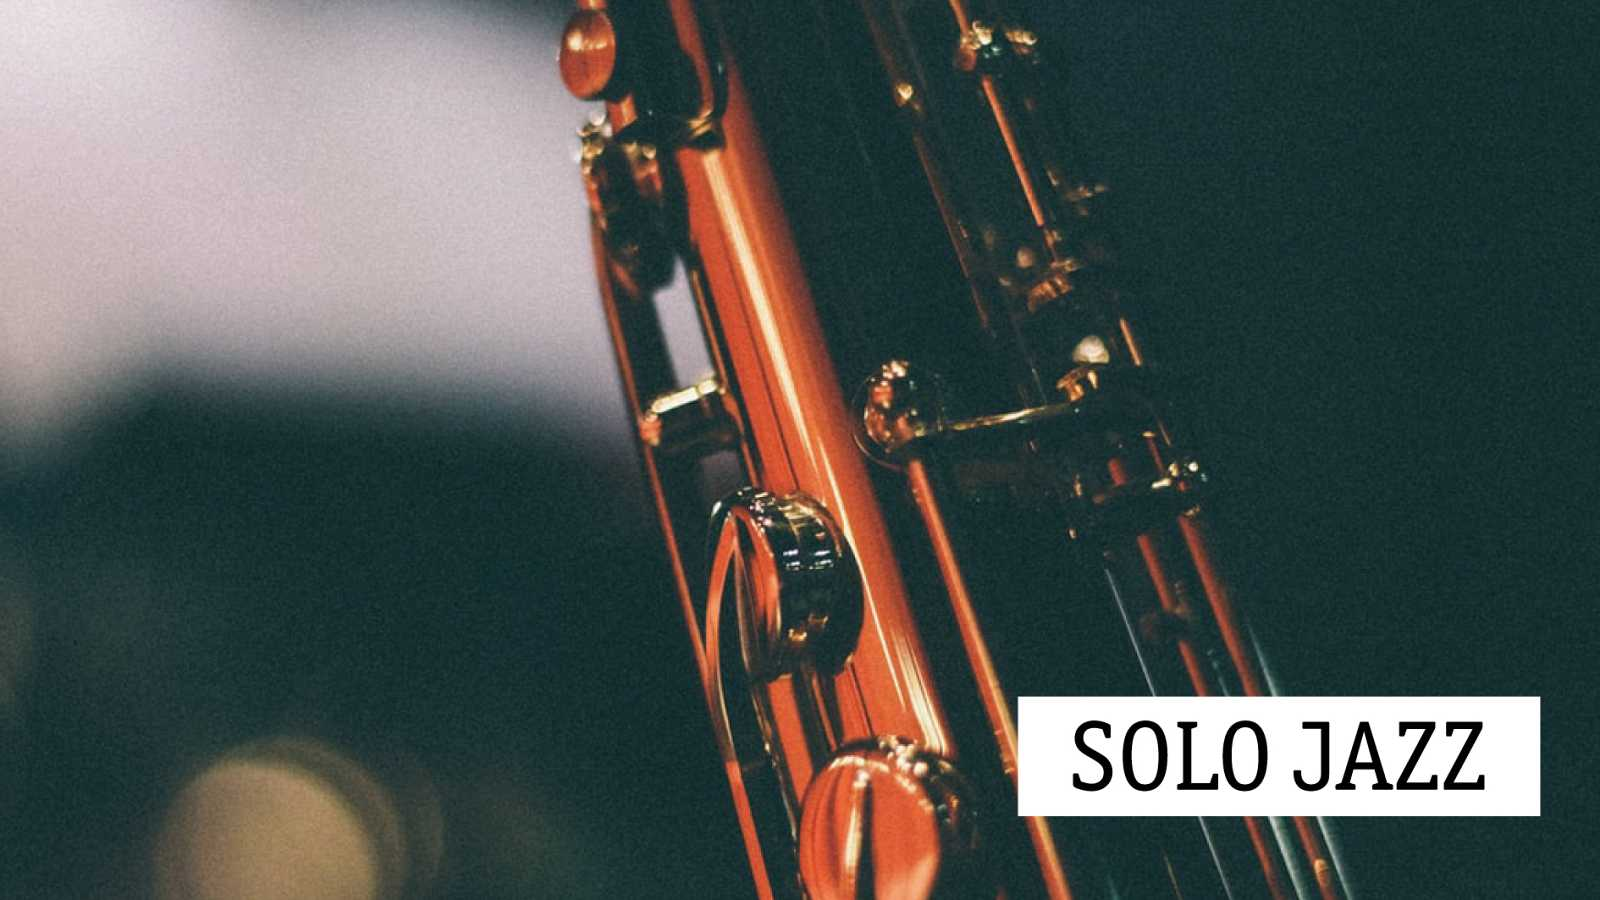 Solo Jazz - Instrumentos infrecuentes en el jazz: Acordeones y laudes - 14/10/20 - escuchar ahora